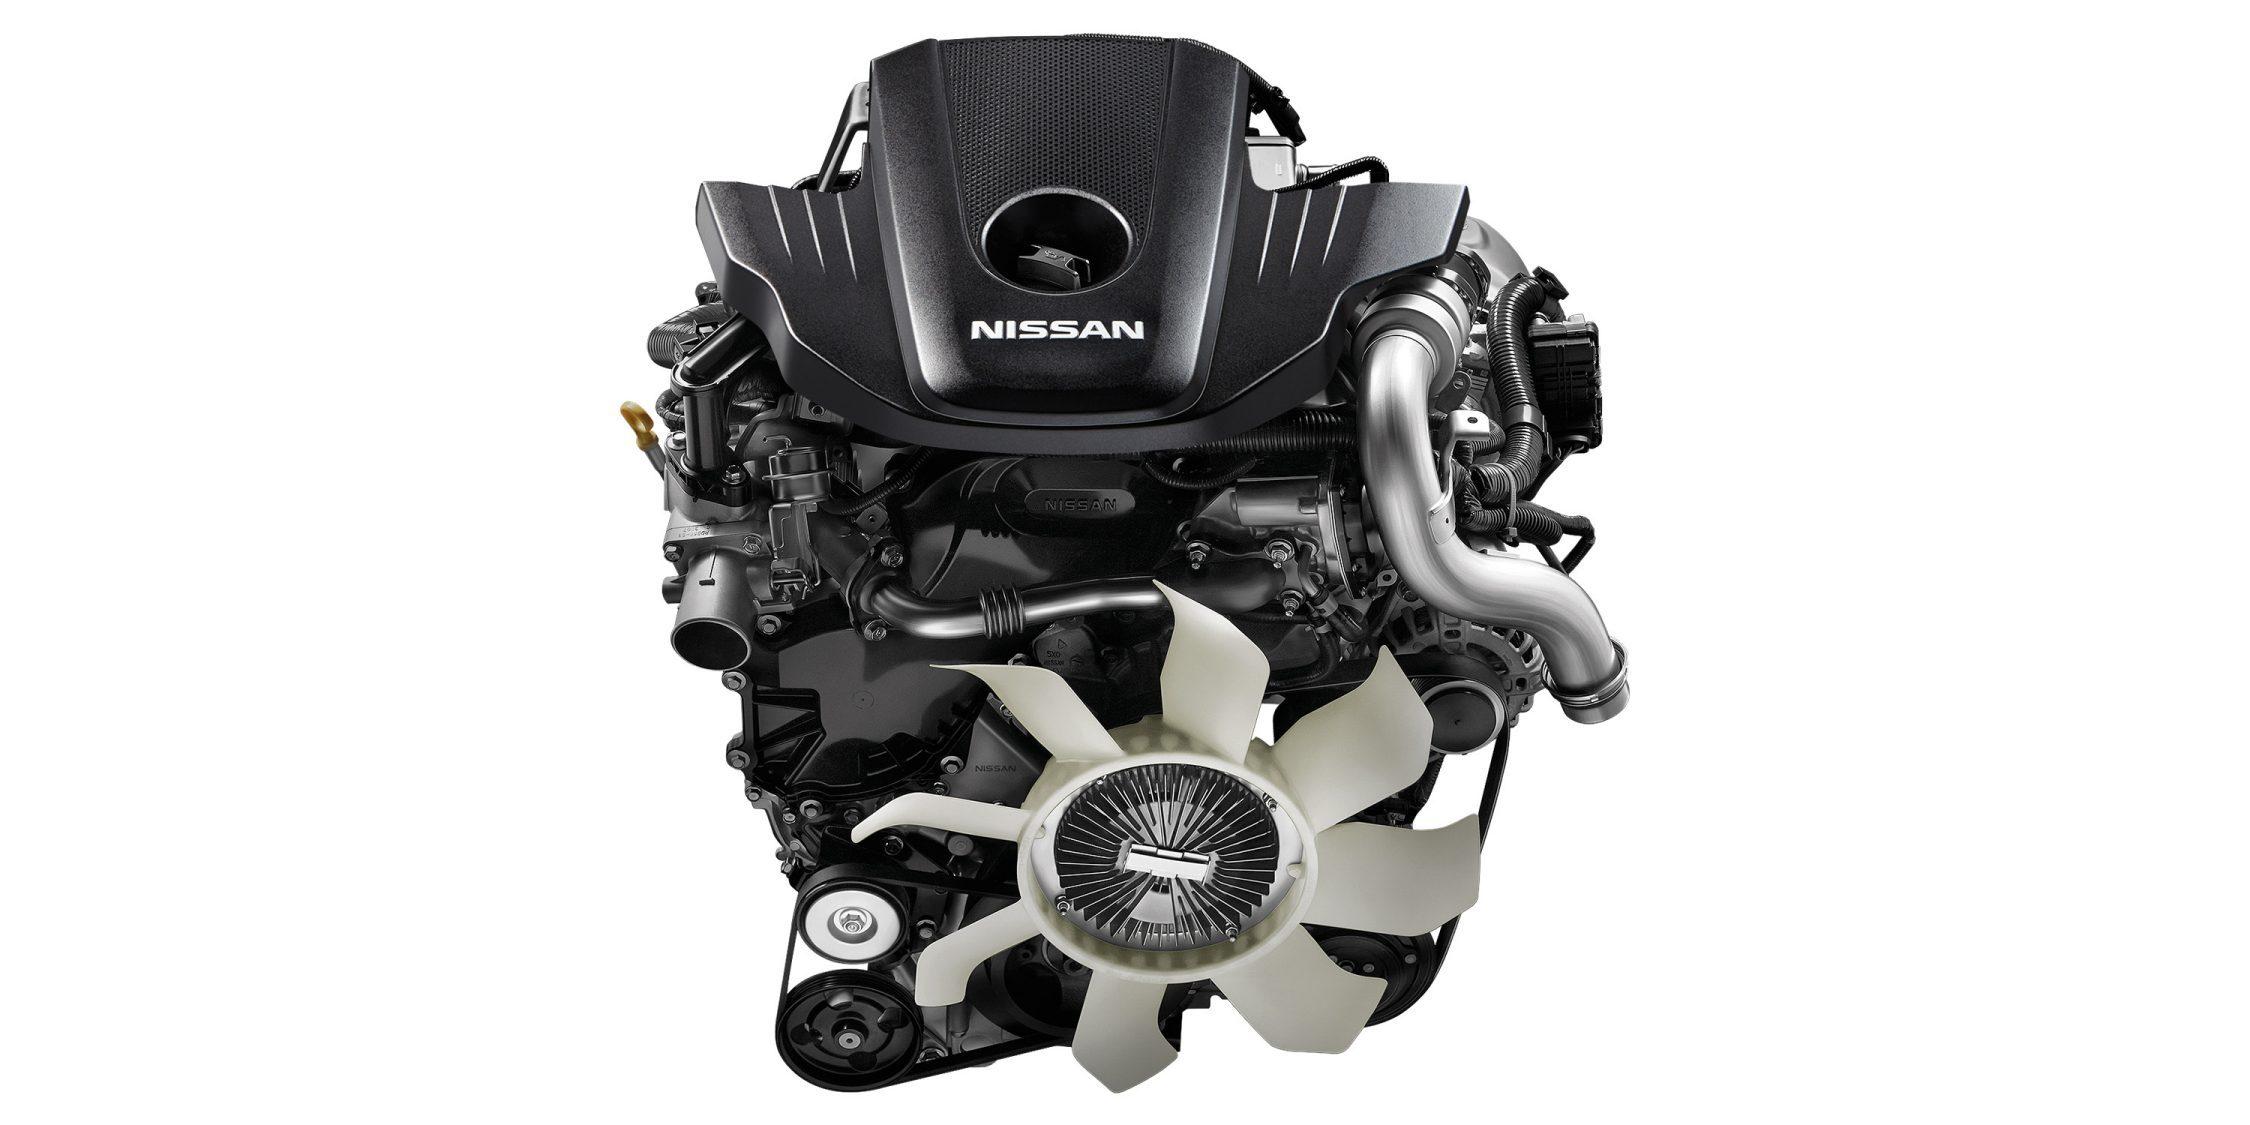 Nissan Terra engine